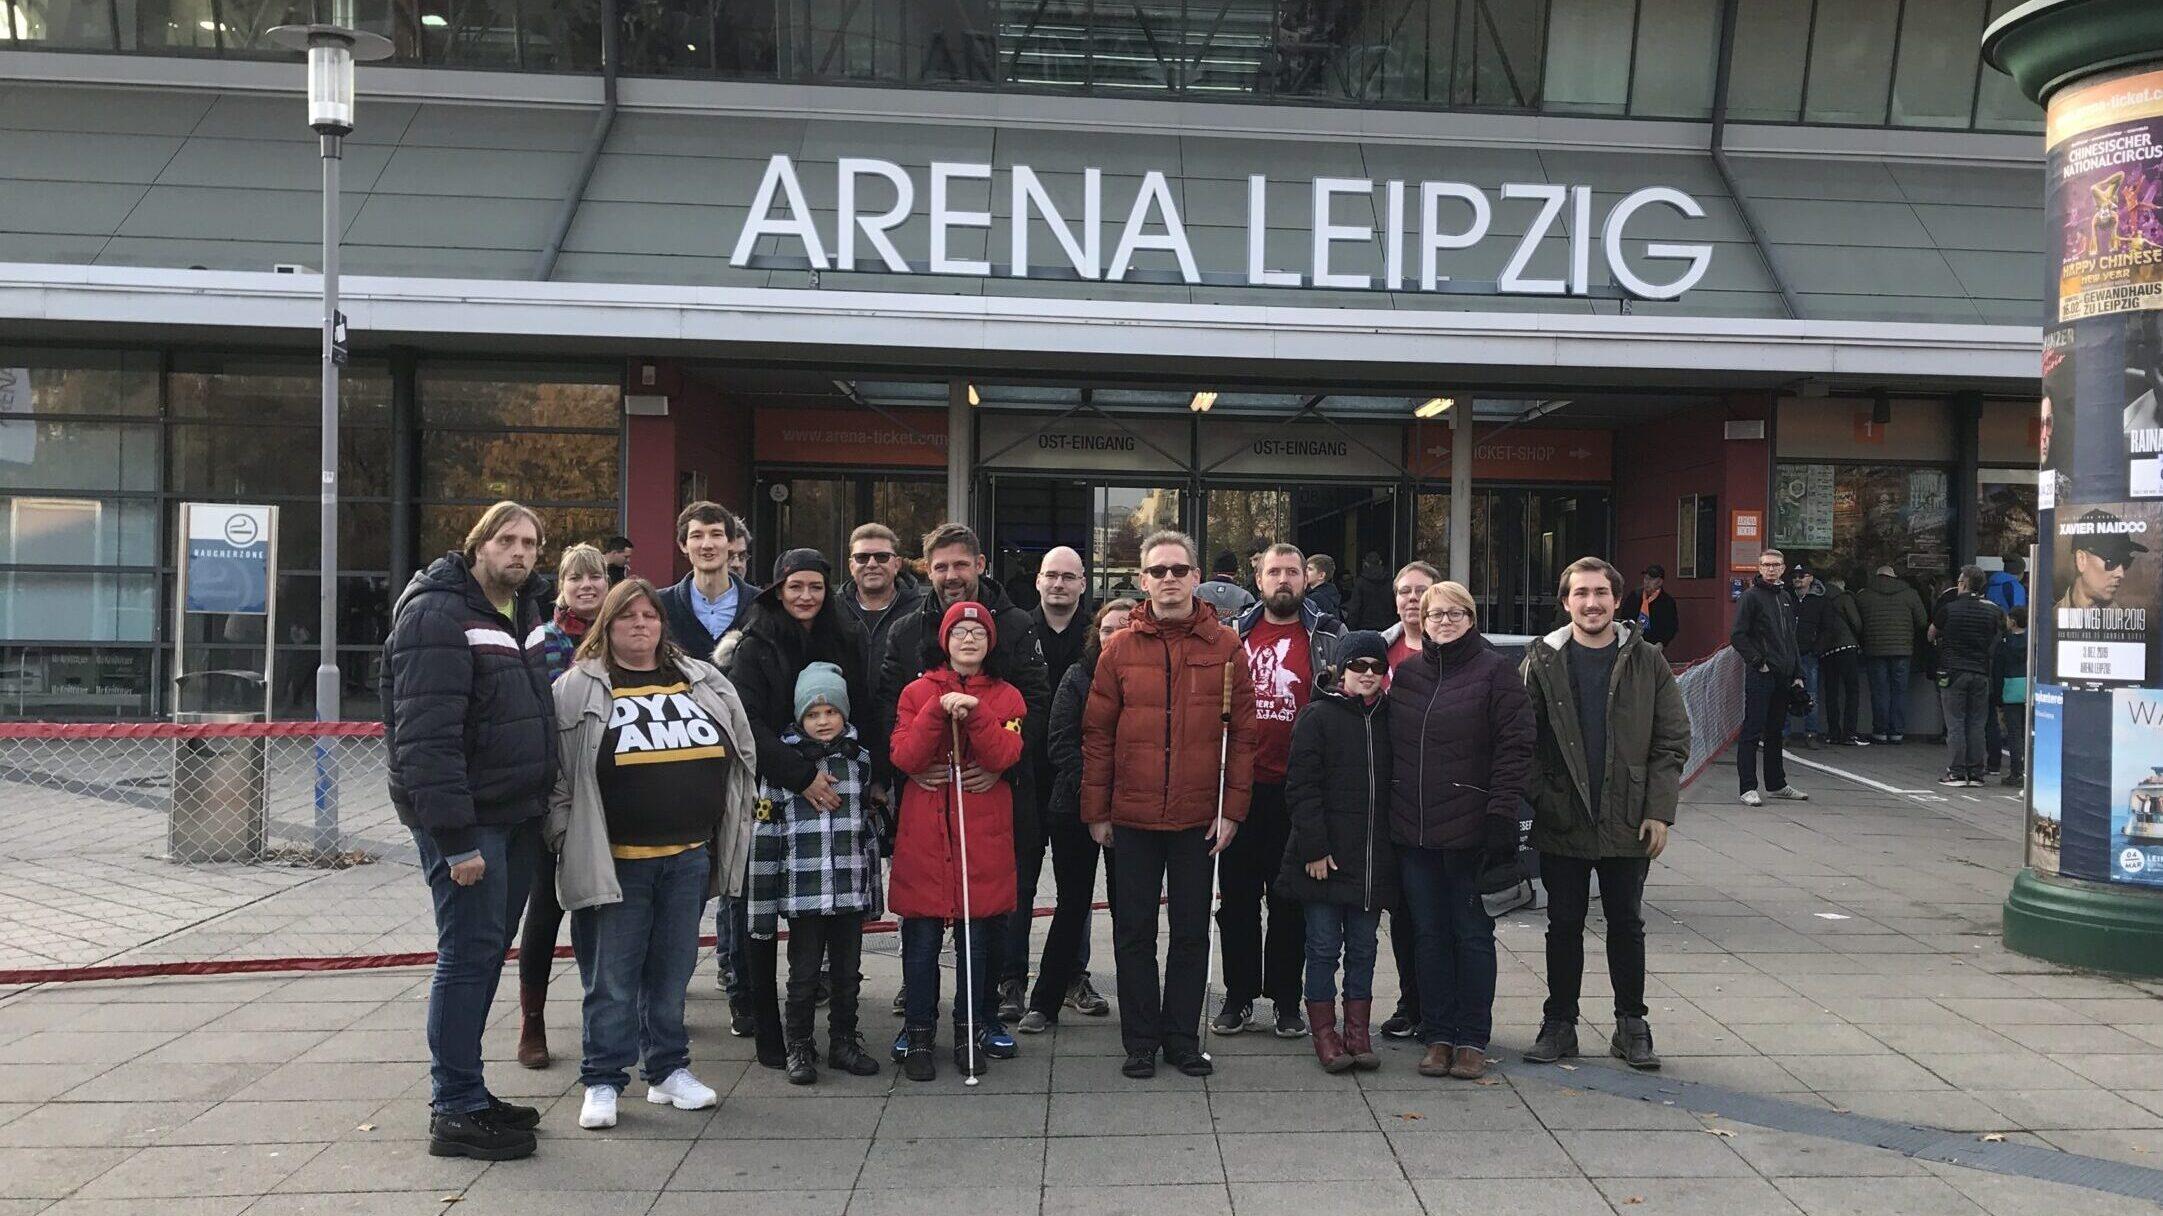 Ein Gruppenfoto vor der Arena Leipzig. Eine Gruppe sehbehinderter und blinder Basketballfans gemeinsam mit Begleitpersonen und den Sprechern für Audiodeskription Florian Eib und Jari Schaller, Foto: Anneke Elsner.